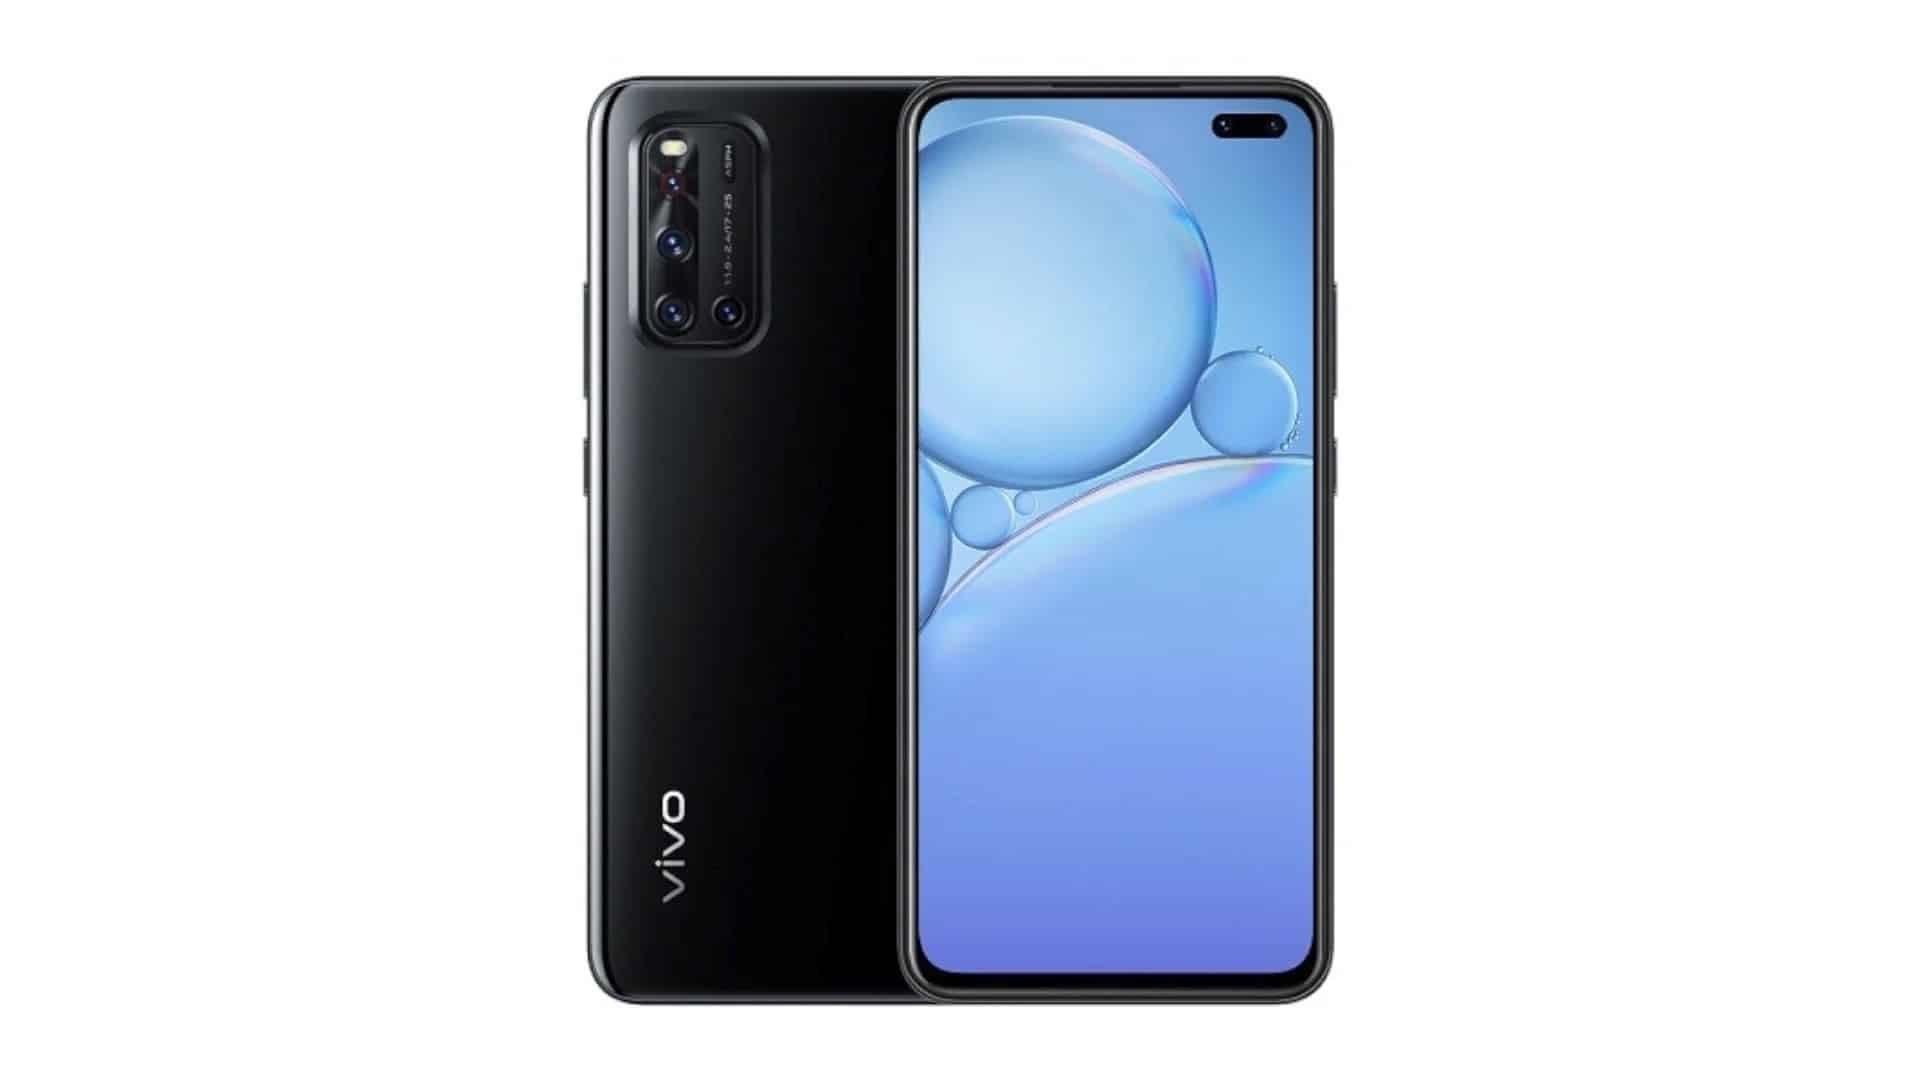 الكشف رسميًا عن سعر هاتف Vivo V19 في مصر وموعد طرحه في الأسواق